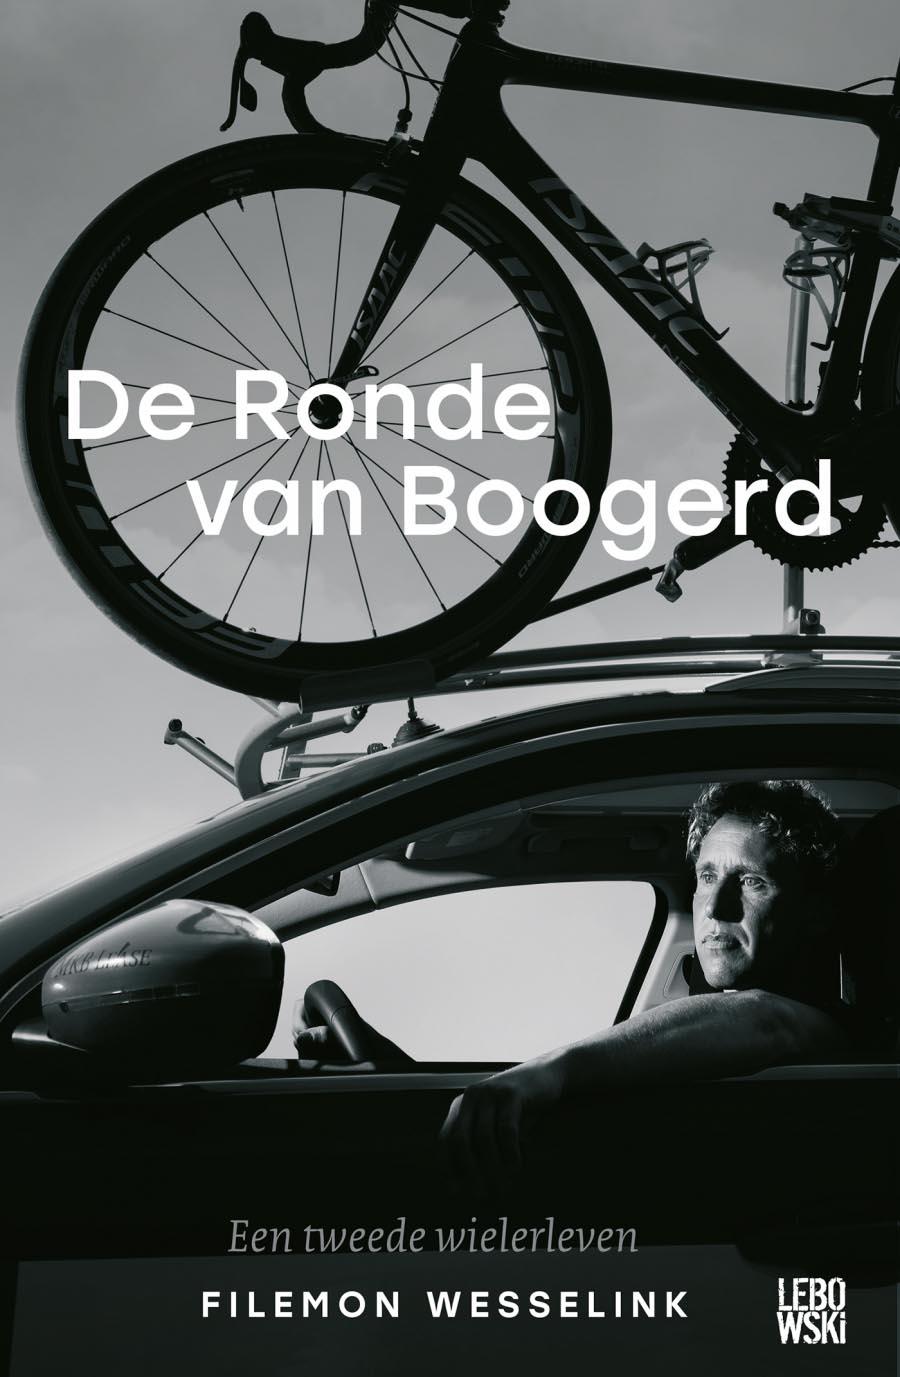 Michael Boogerd en Filemon Wesselink te gast bij Tijd voor MAX en Koffietijd over 'De Ronde van Boogerd'